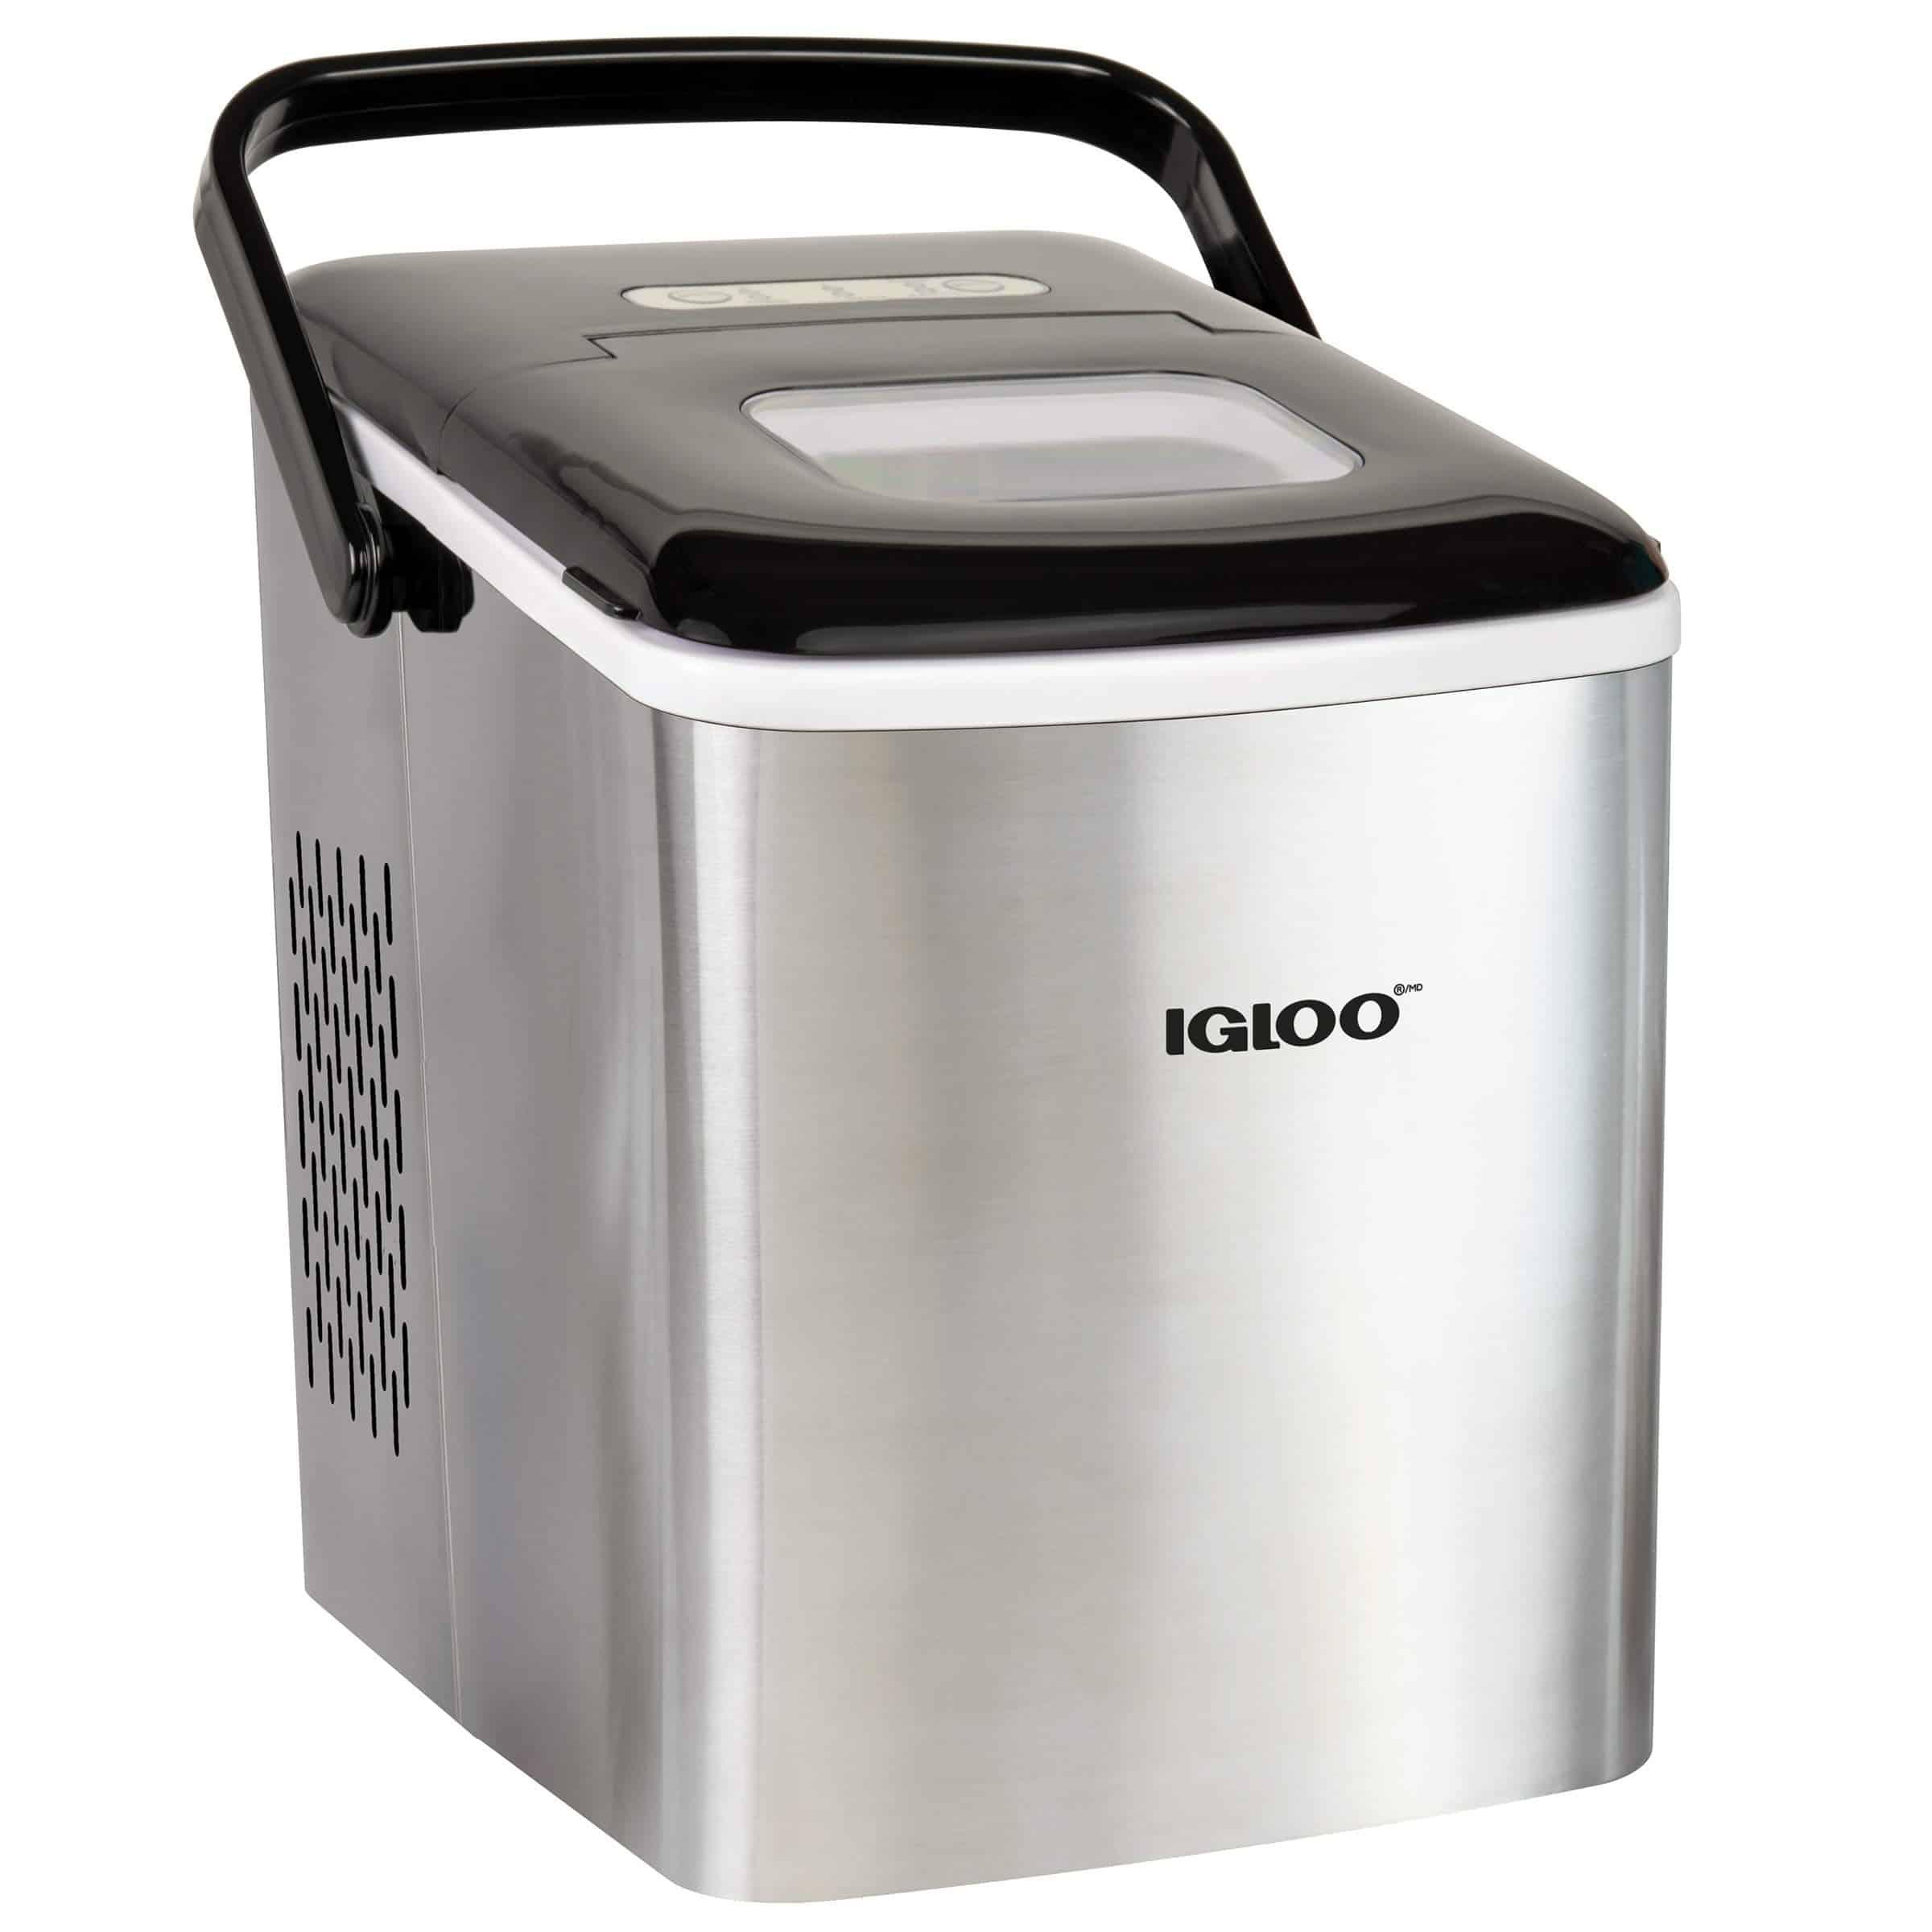 Igloo ICEB26HNSS Ice Maker Machine 26Lbs